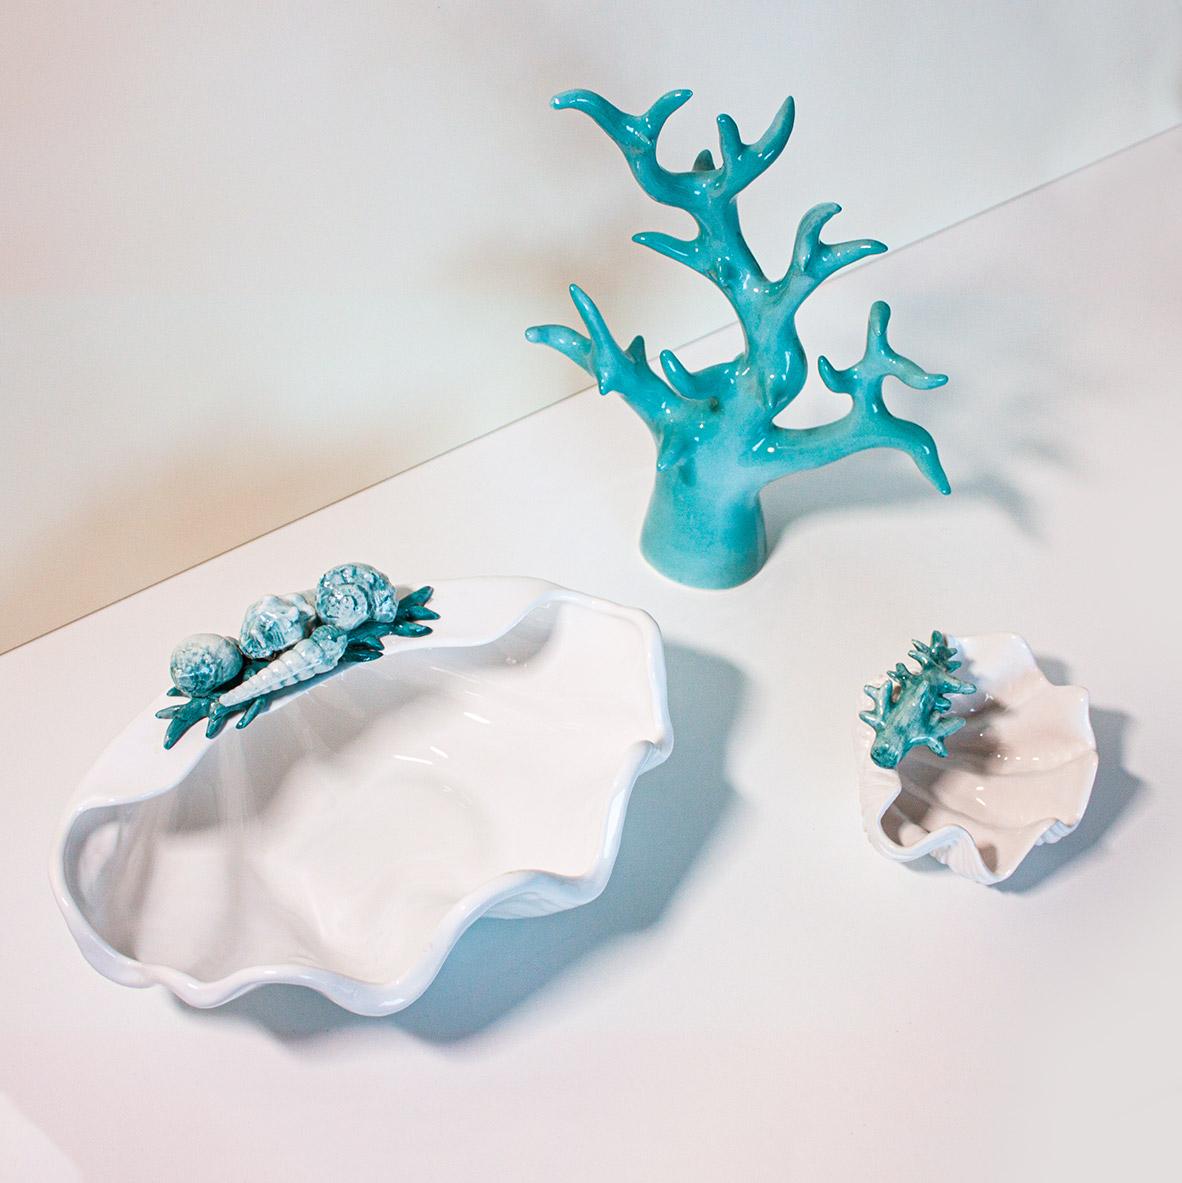 ceramica turchese con decorazioni a forma di corallo e conchiglie